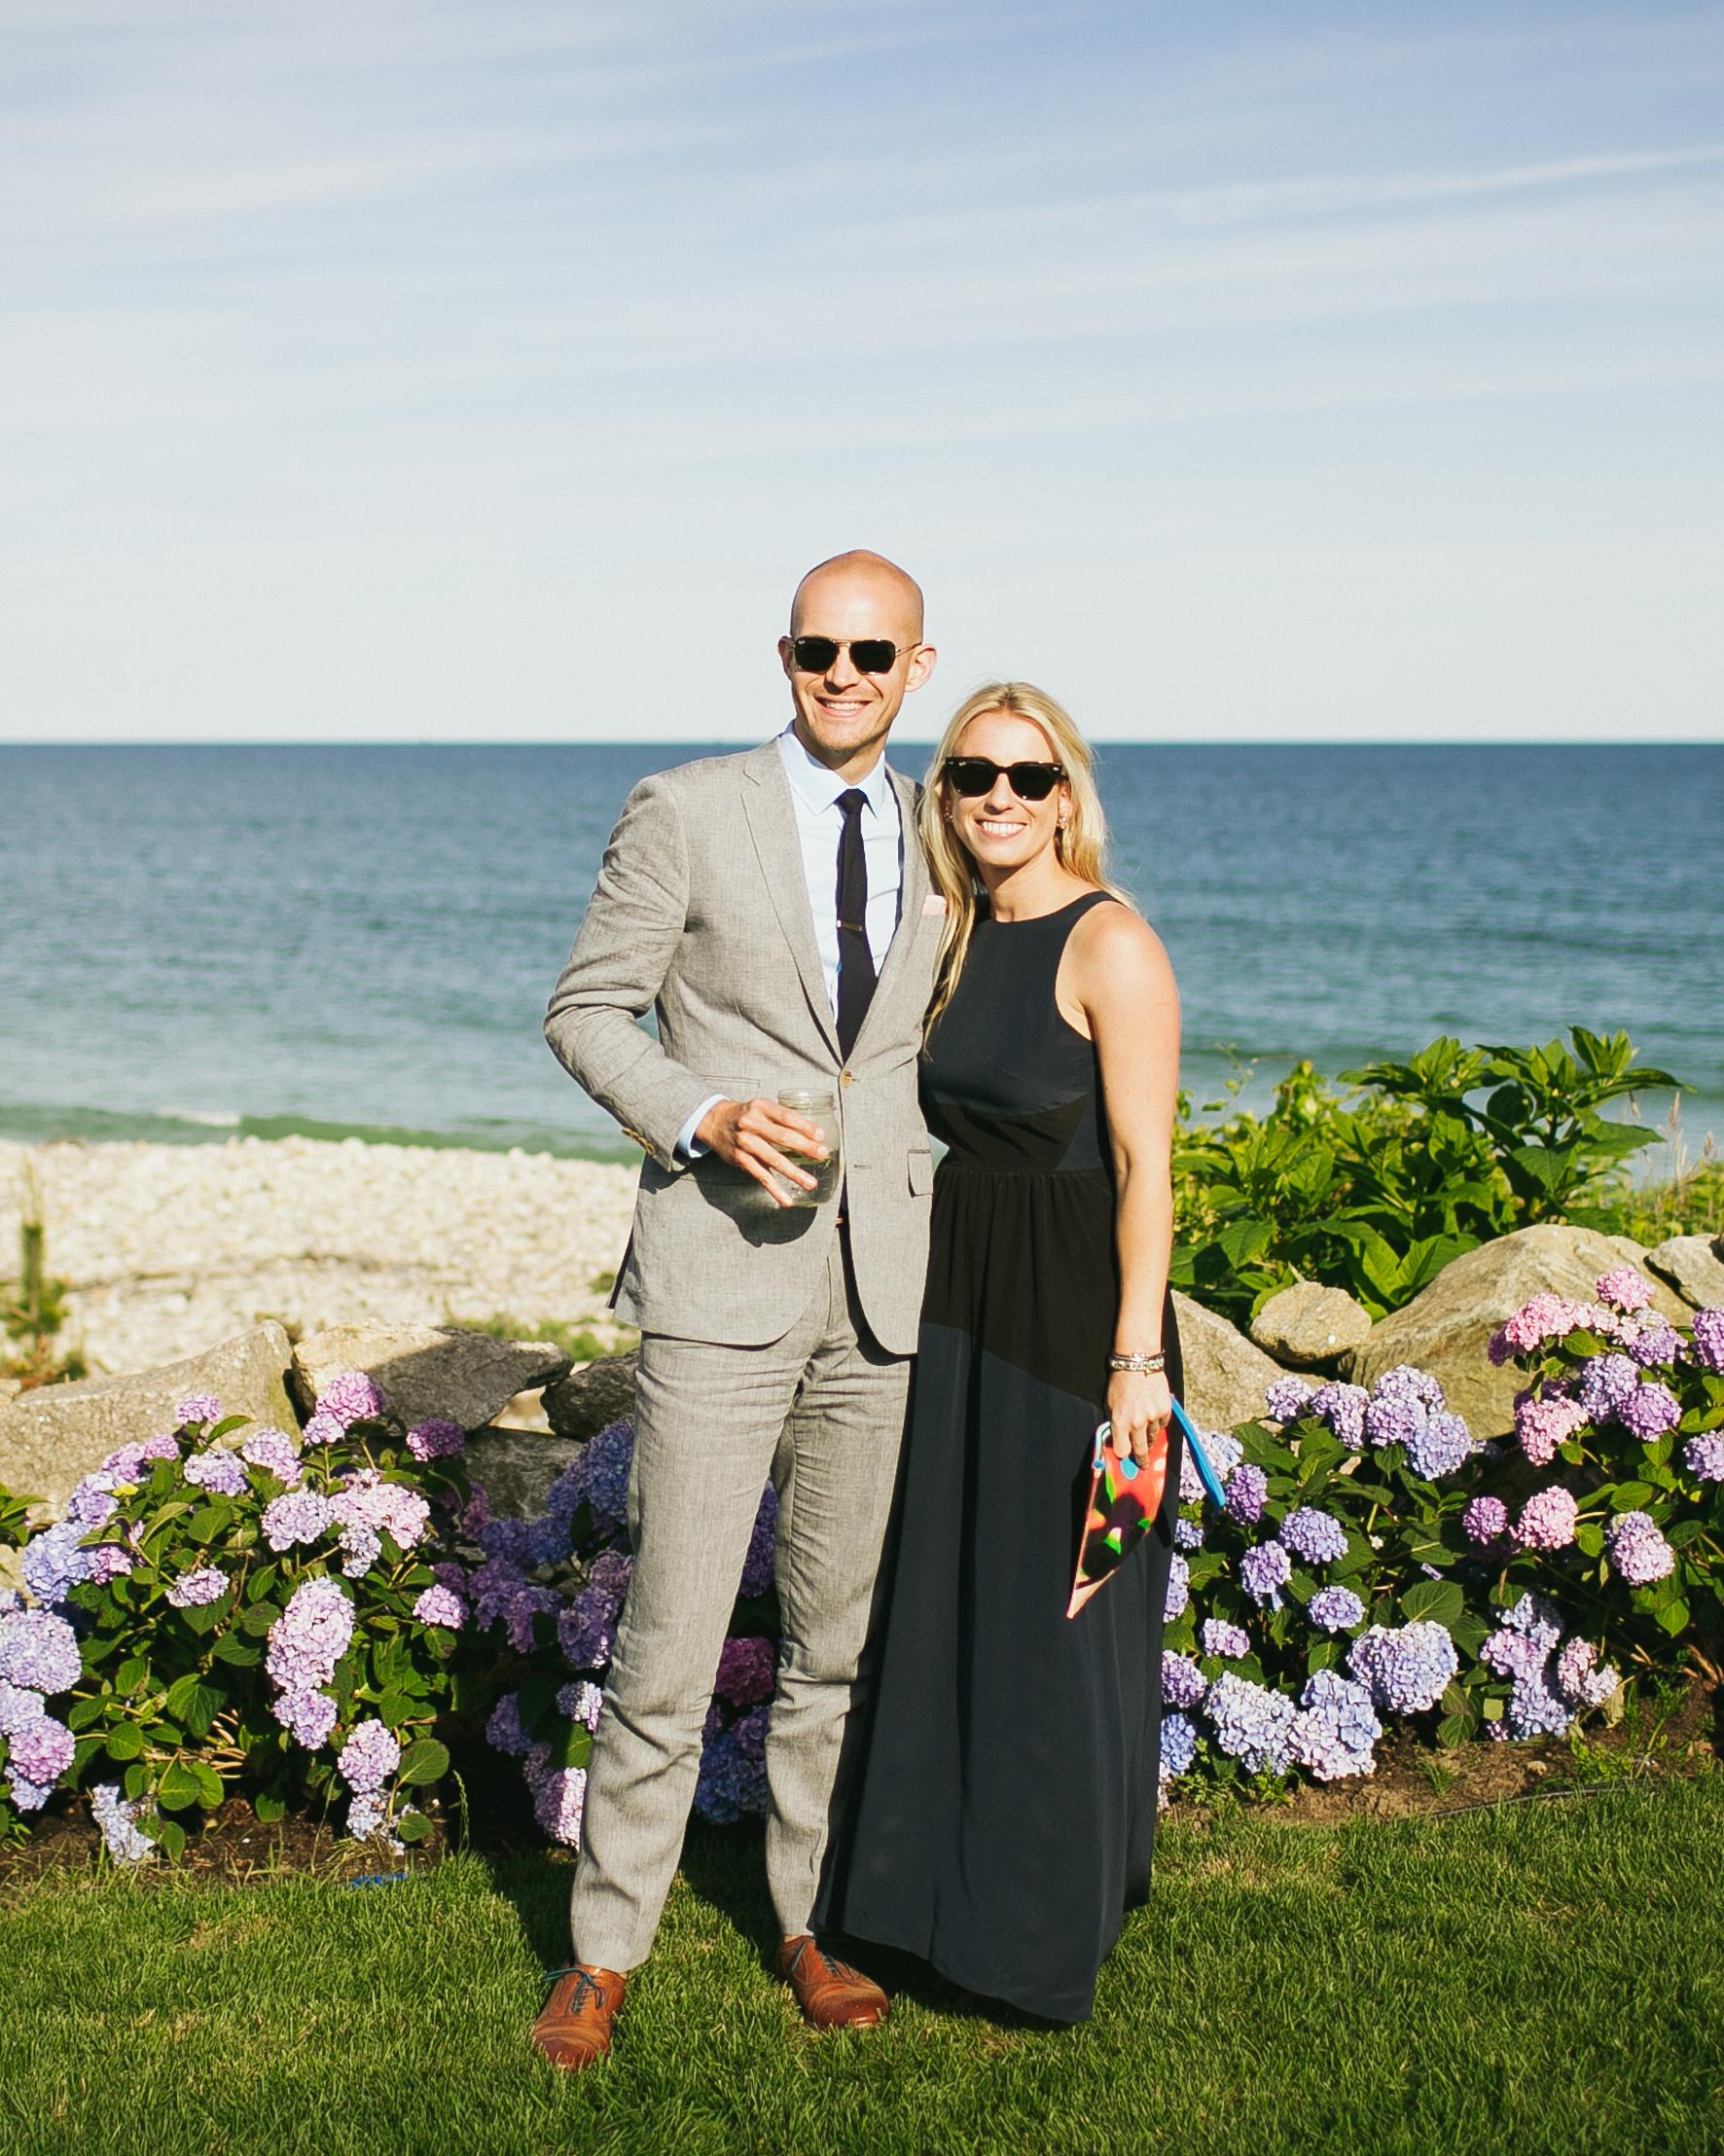 gabriela-tyson-wedding-guests-0592-s111708-1214.jpg